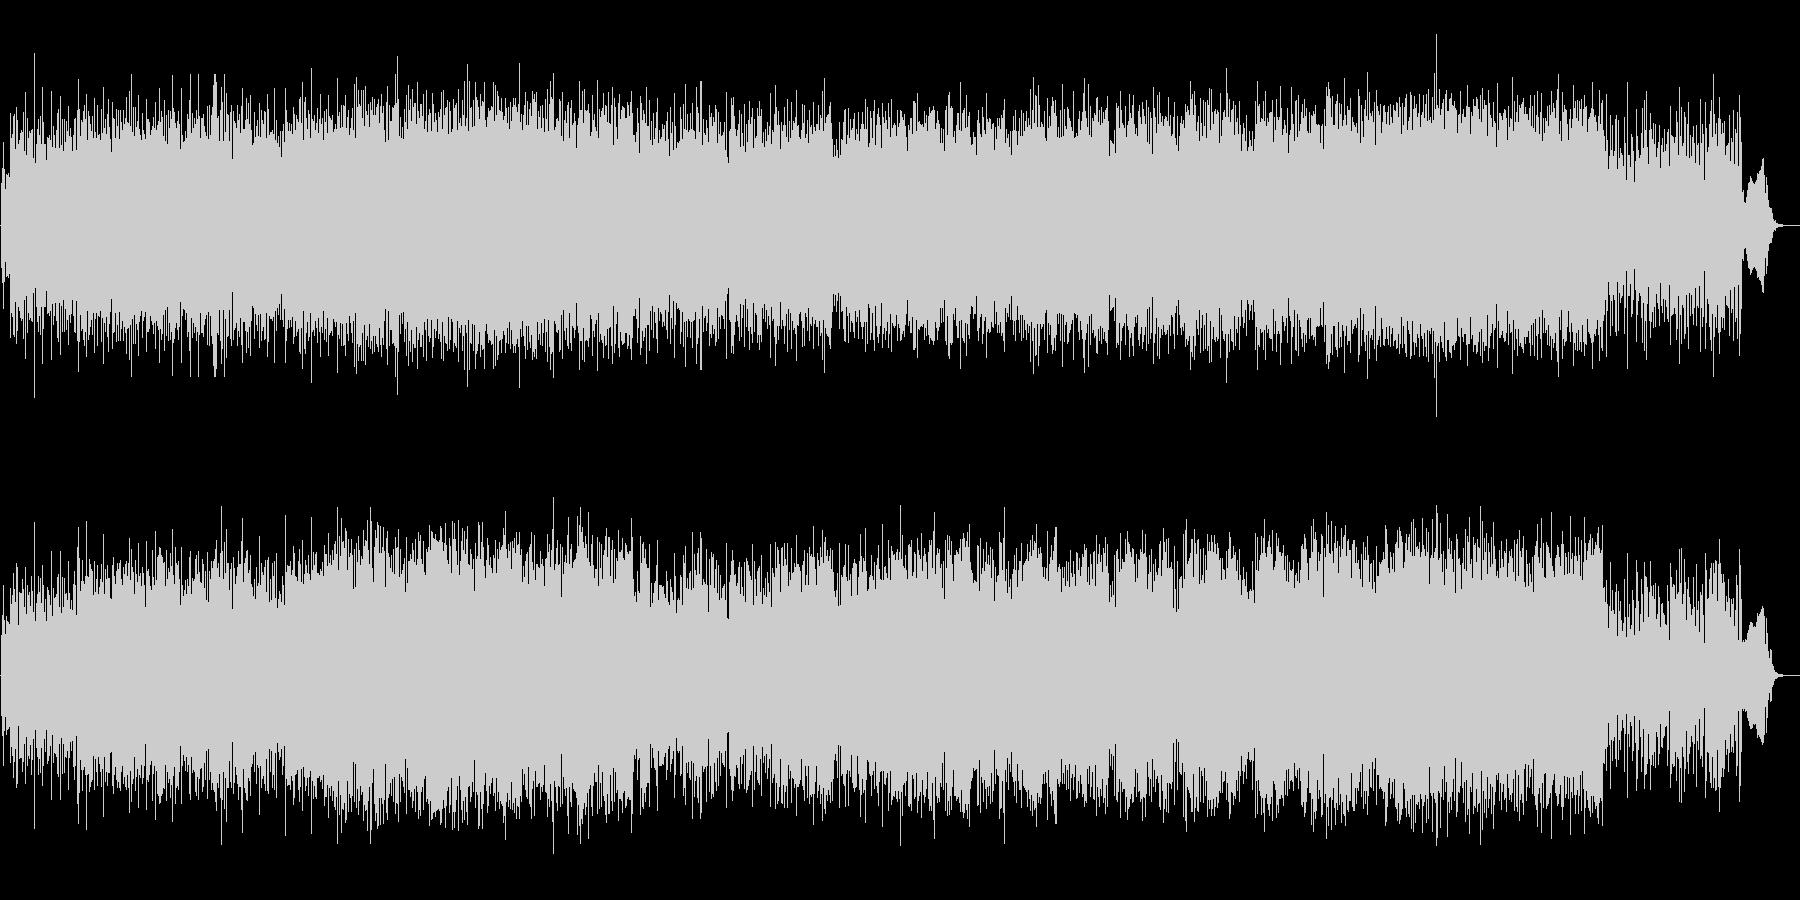 尺八と三味線の勢いのある和風テクノ生演奏の未再生の波形